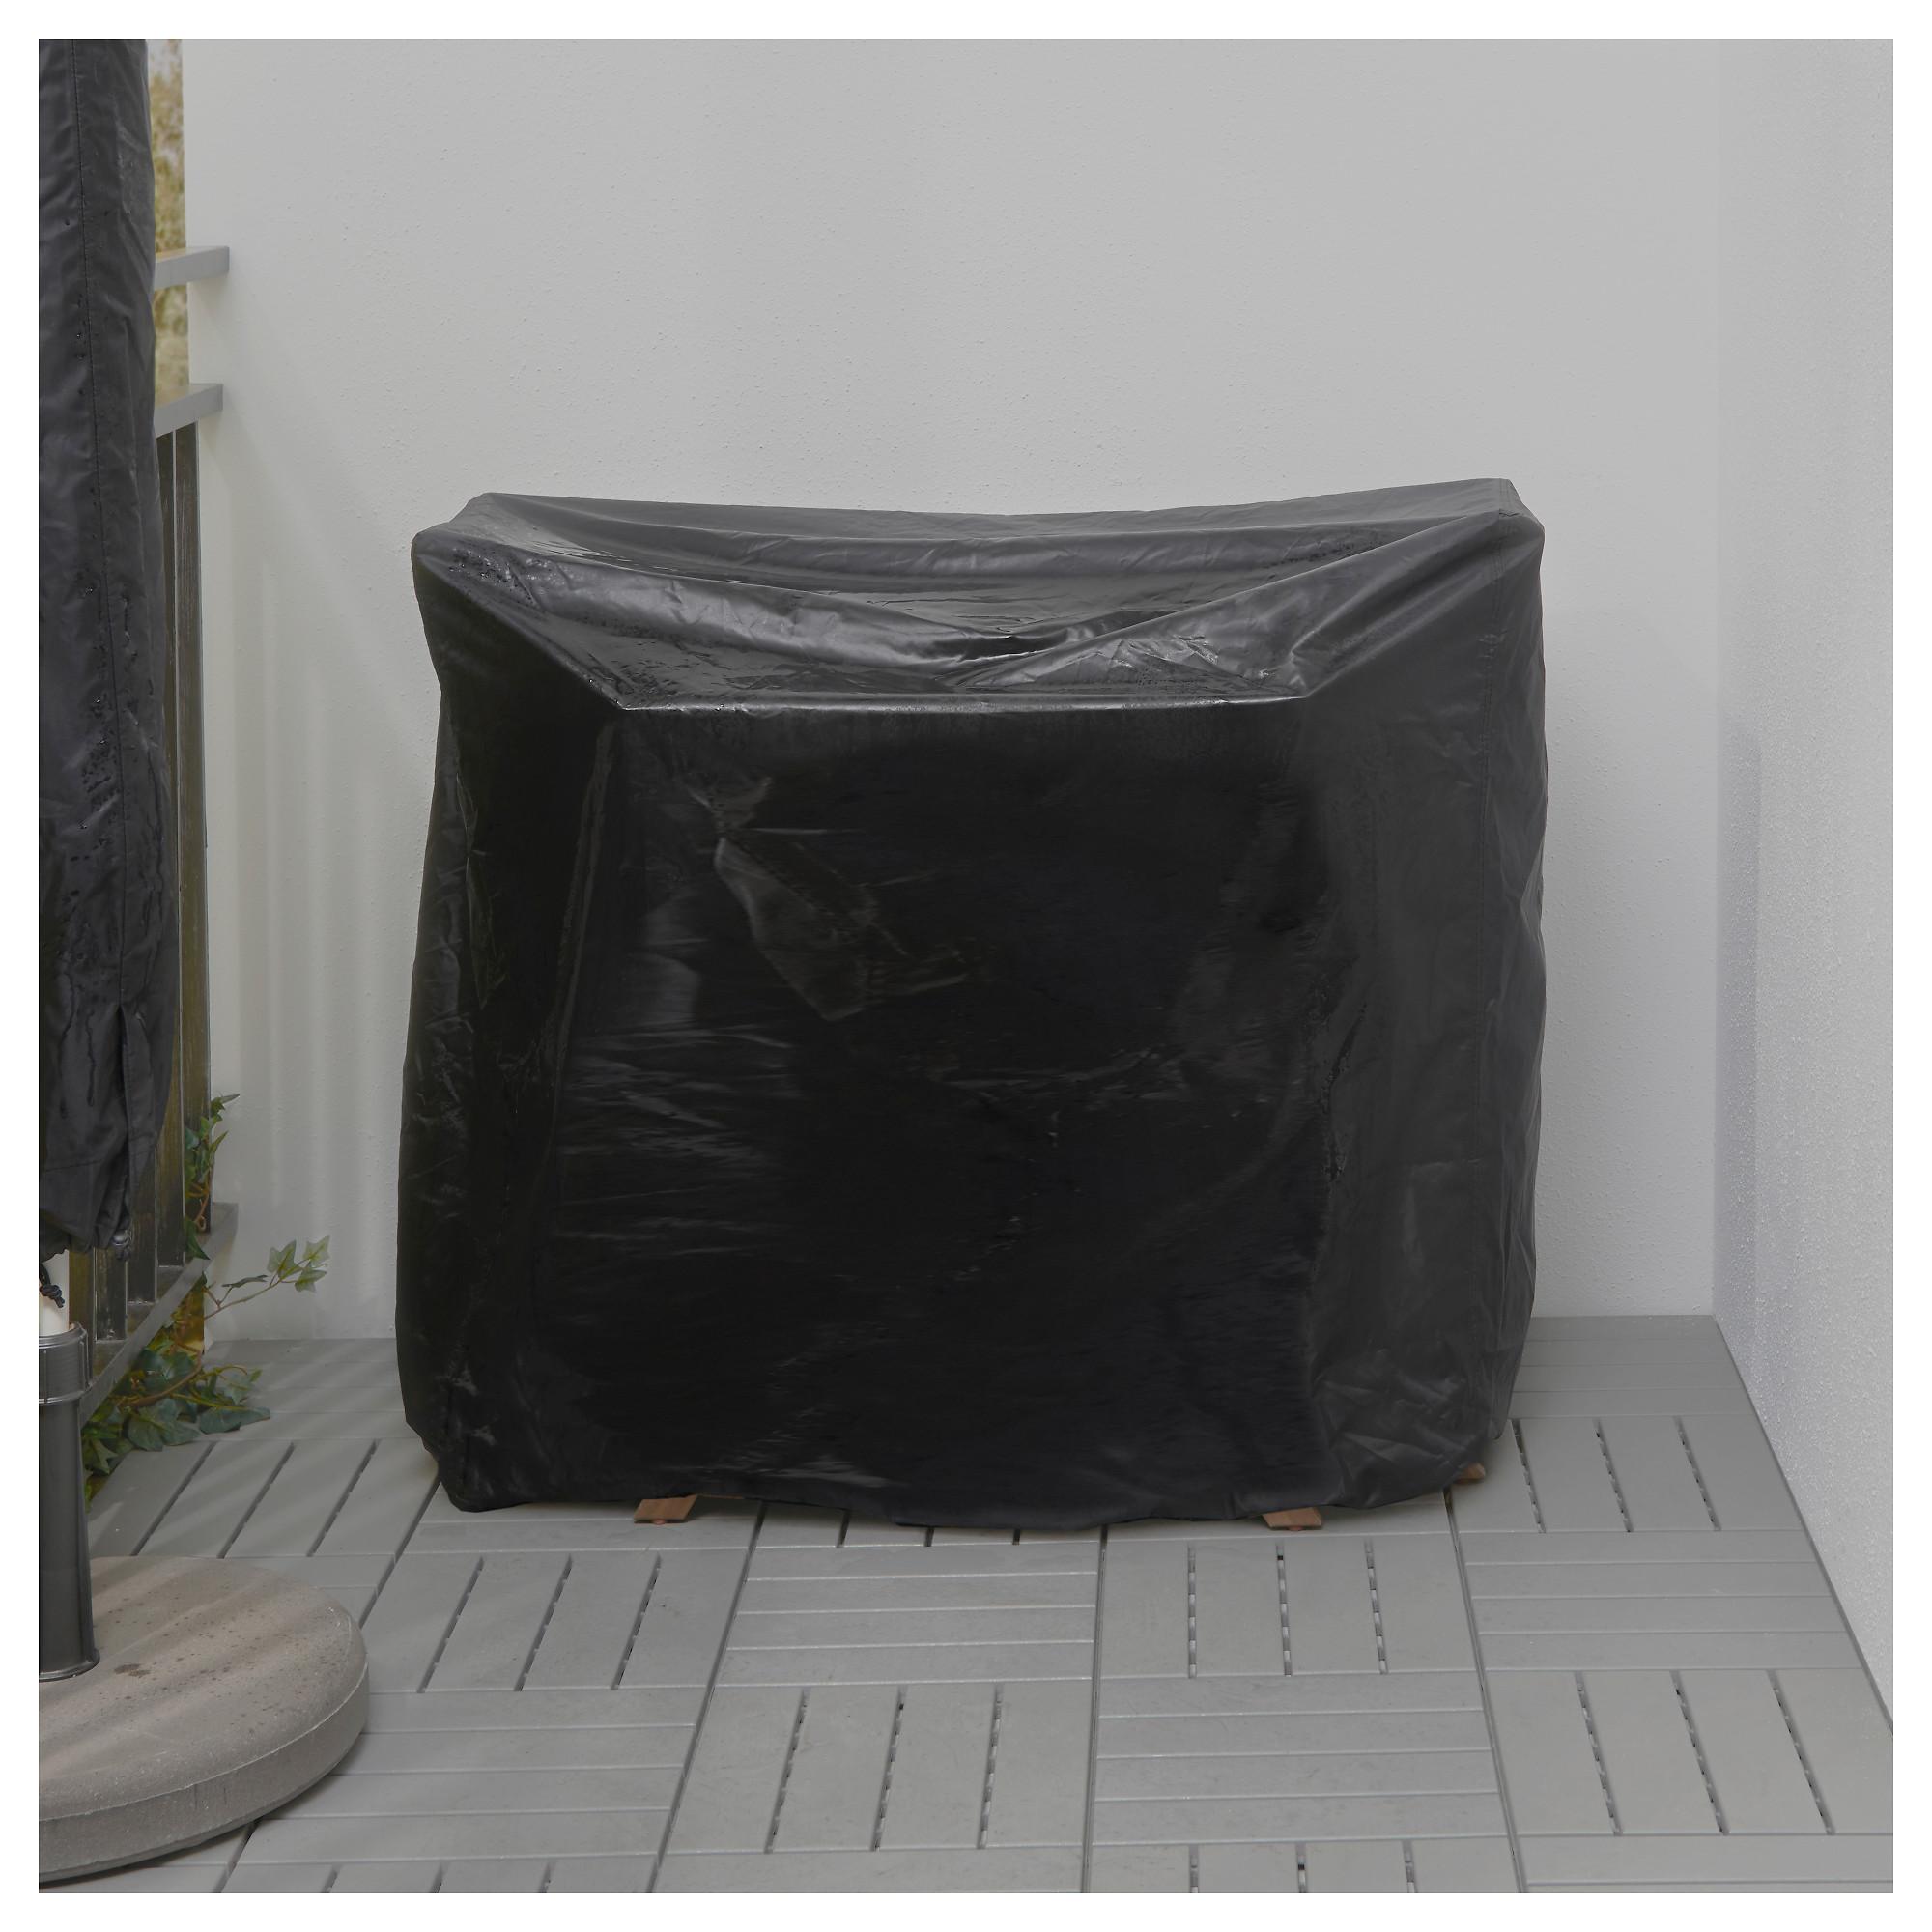 Стол + 2 складных стула для сада ЭПЛАРО черный артикуль № 892.289.24 в наличии. Online каталог ИКЕА Республика Беларусь. Быстрая доставка и установка.